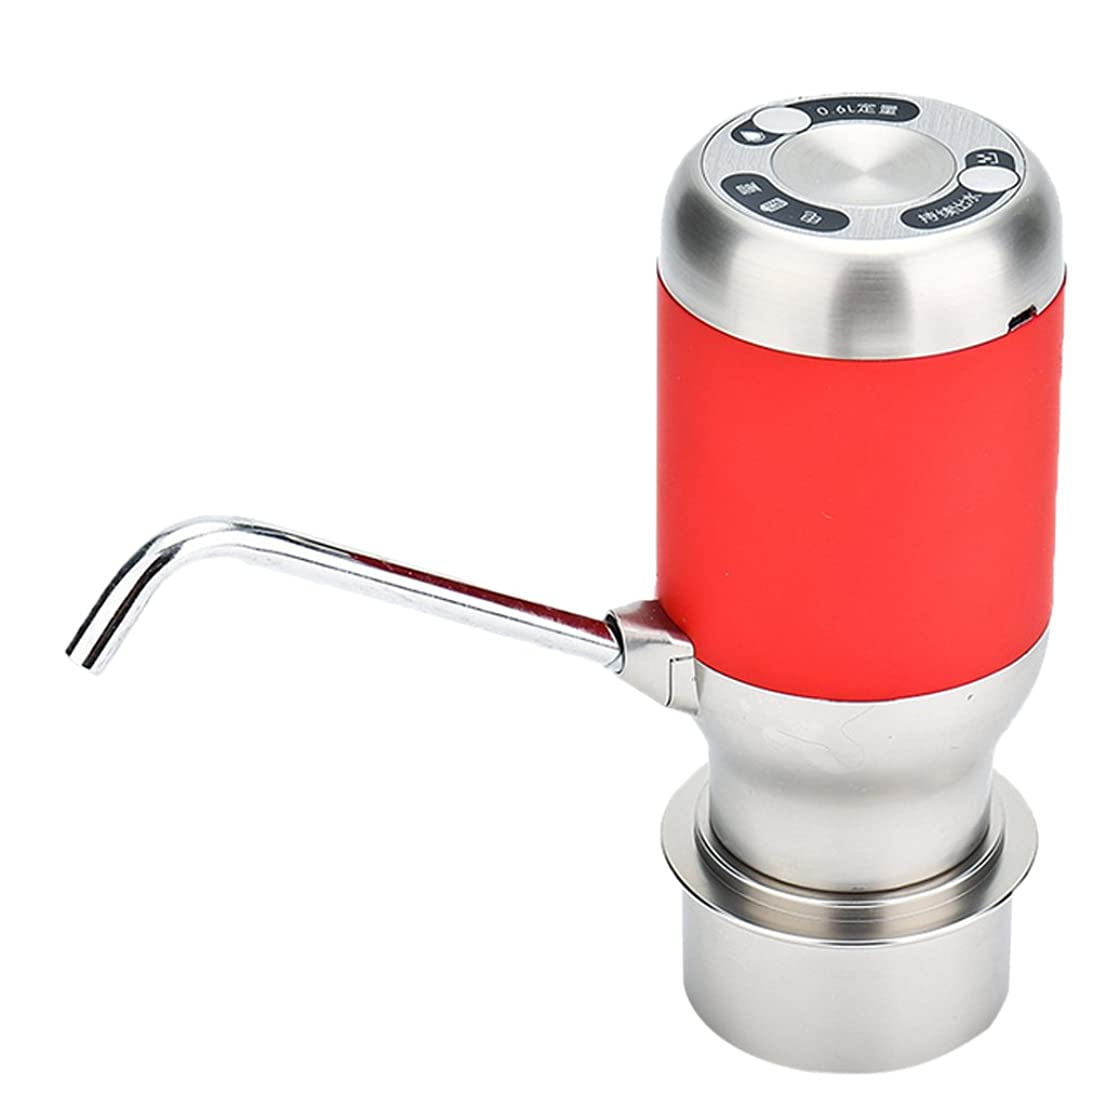 最も遠い彫刻家鳴り響くウォーターポンプ 電動 ポータブル ウォーターサーバー USB充電式 インジケータ付 ホーム オフィス アウトドア レッド